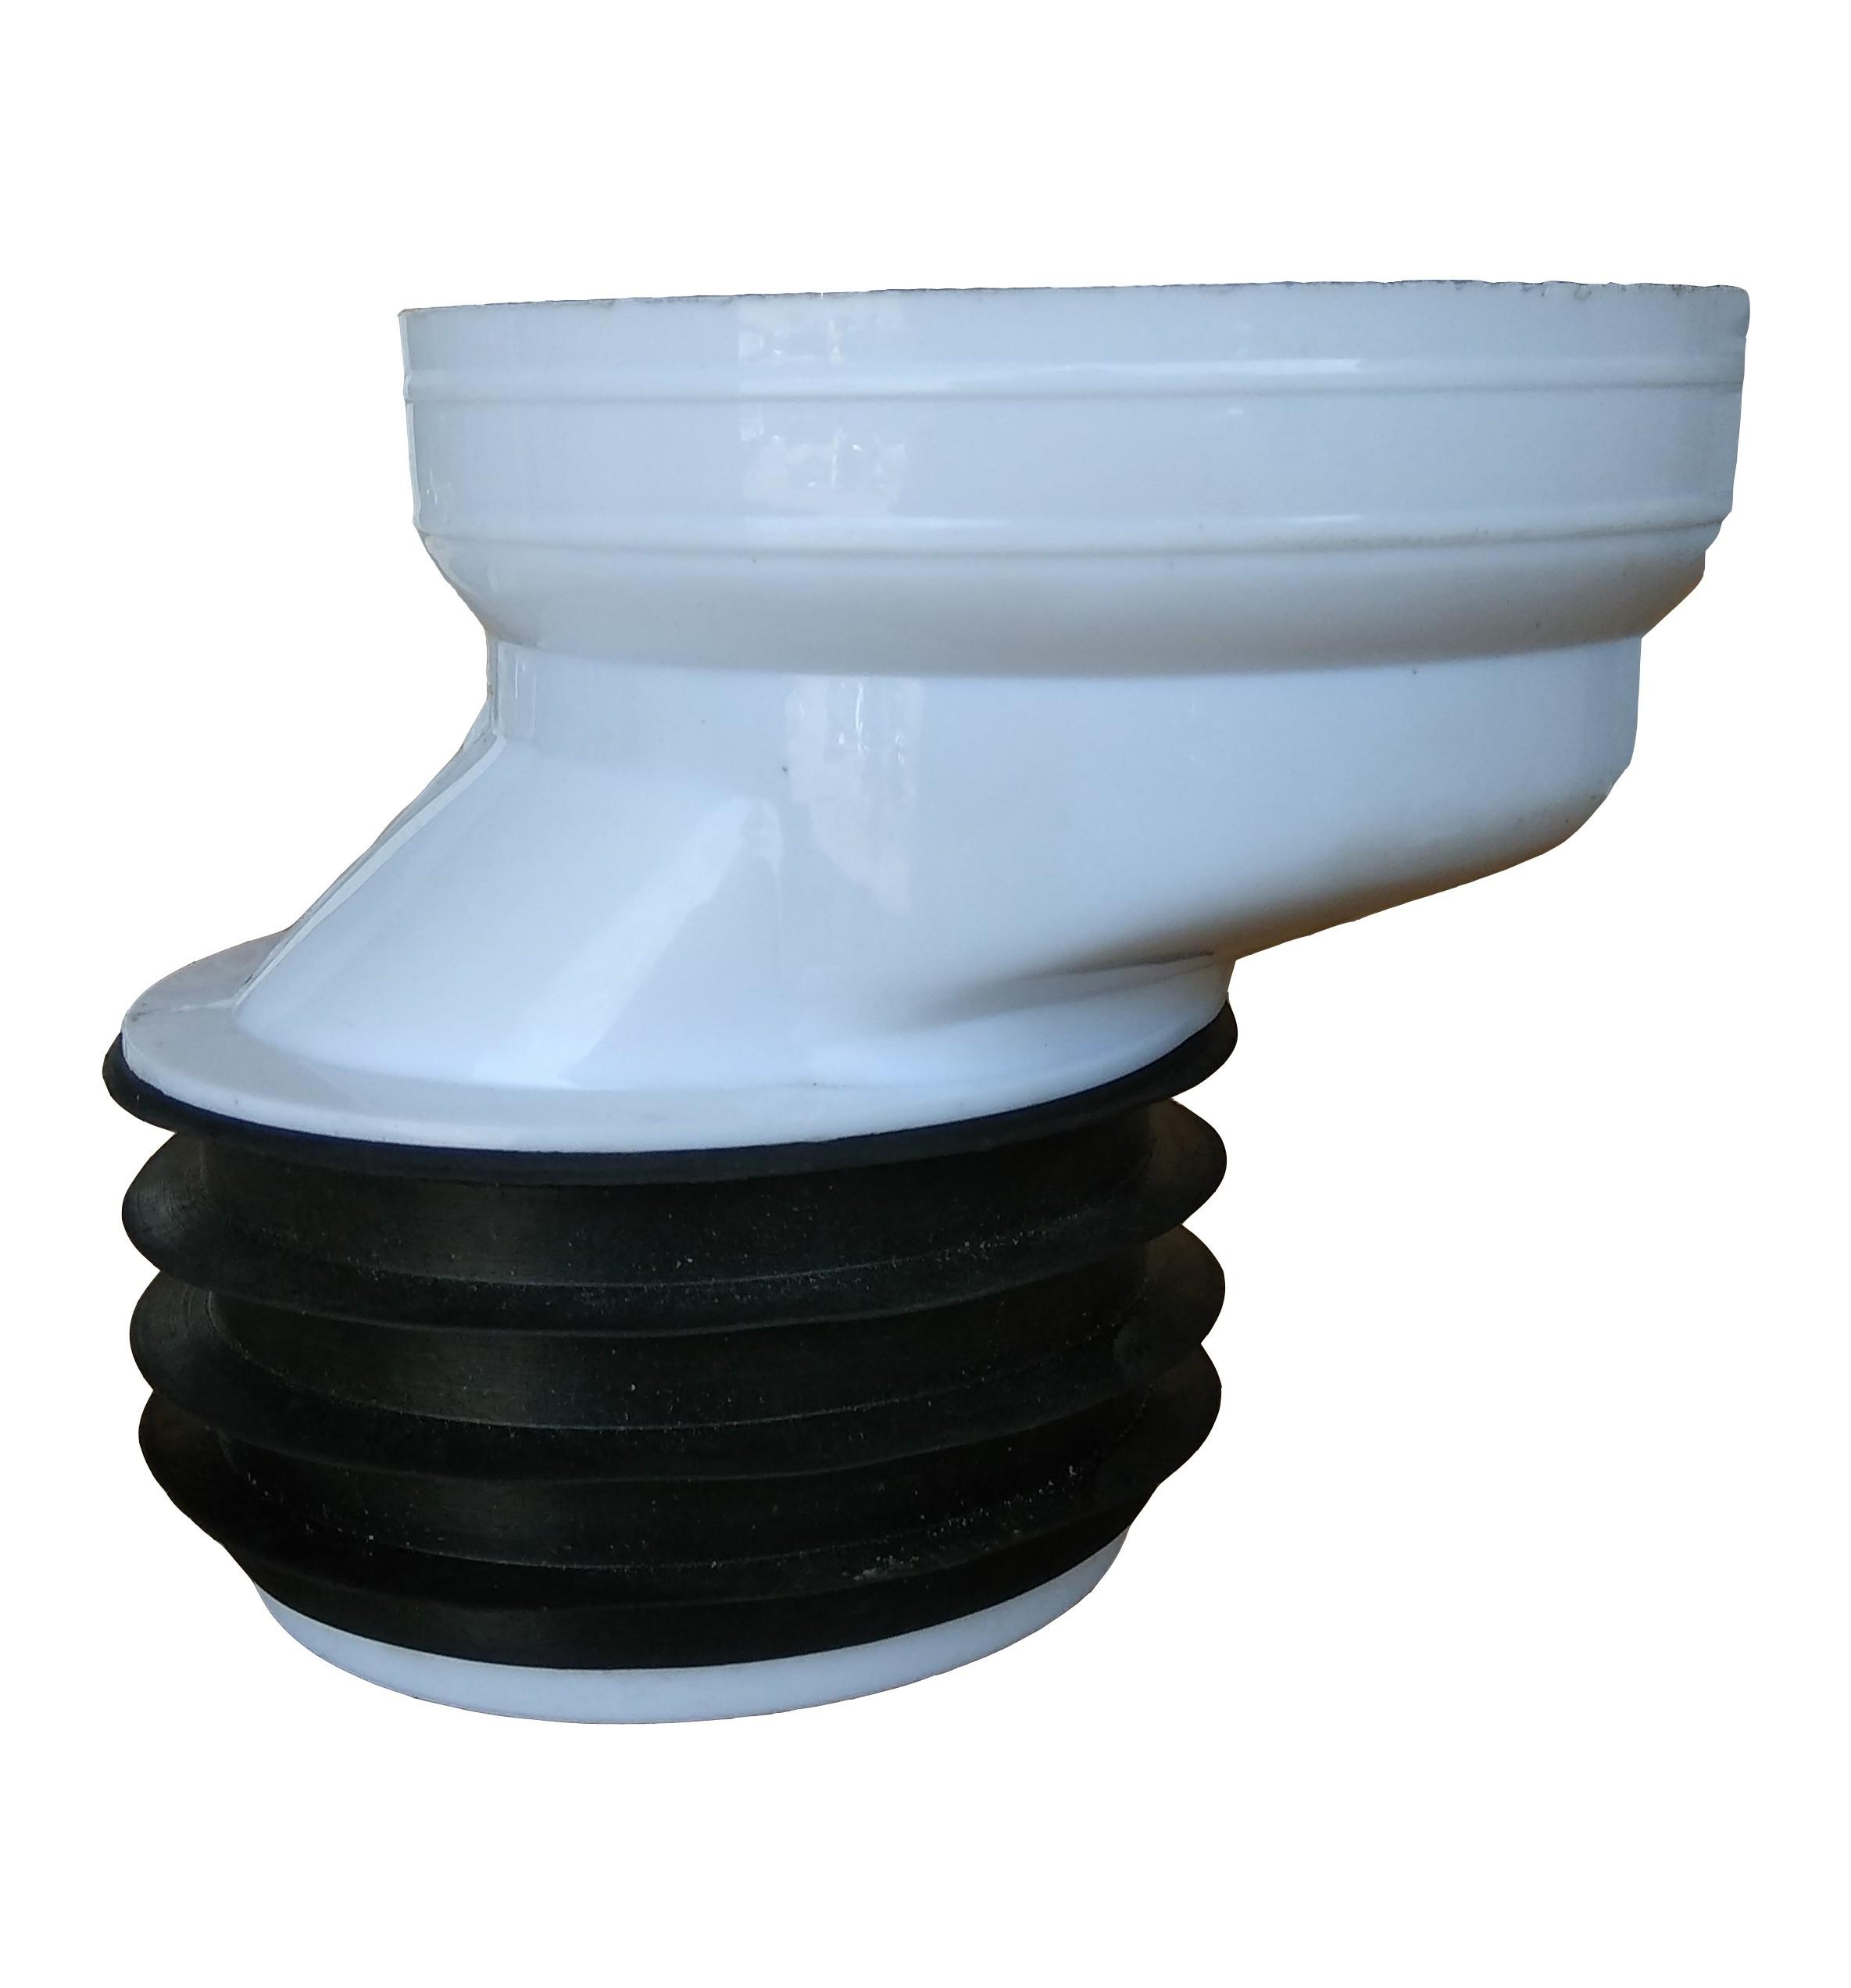 Buy Belmonte Water Closet Connector Online at Best Price - Vardhman...